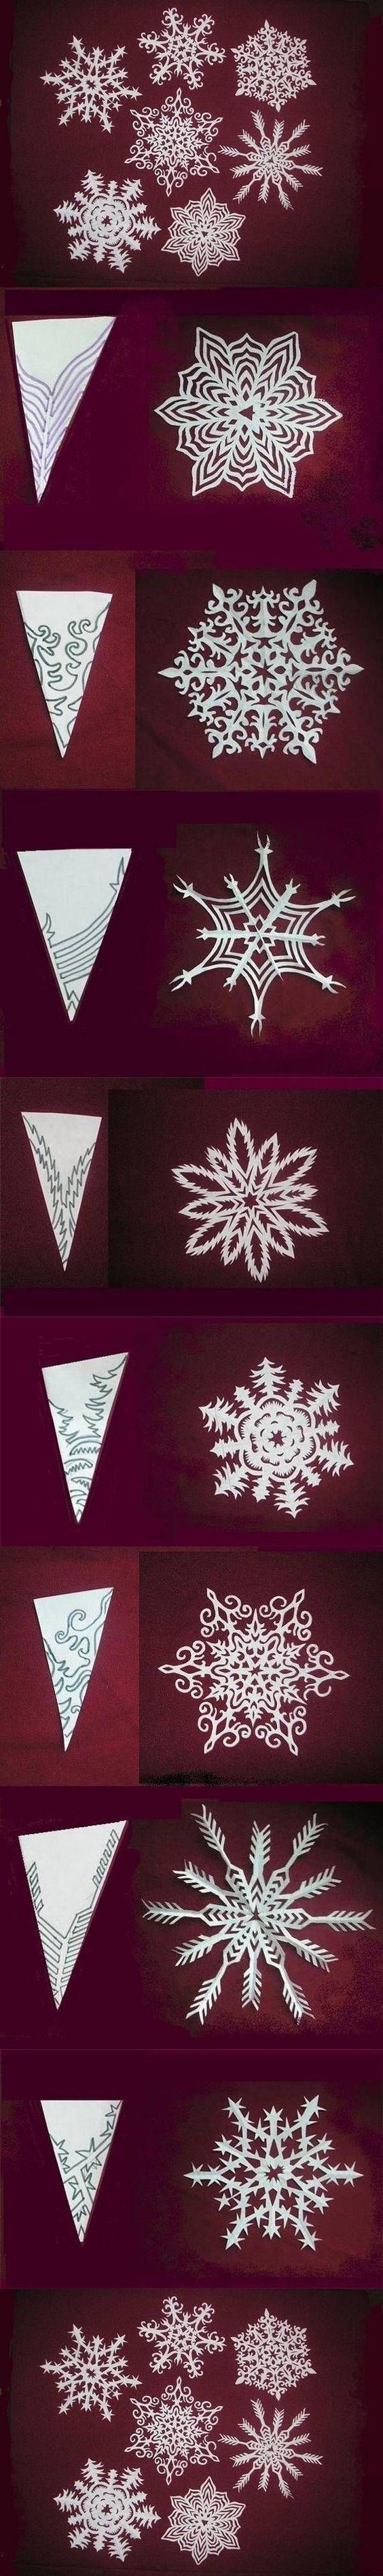 DIY Snowflakes Paper Pattern Tutorial DIY Projects | copos de nieve de papel tutorial: